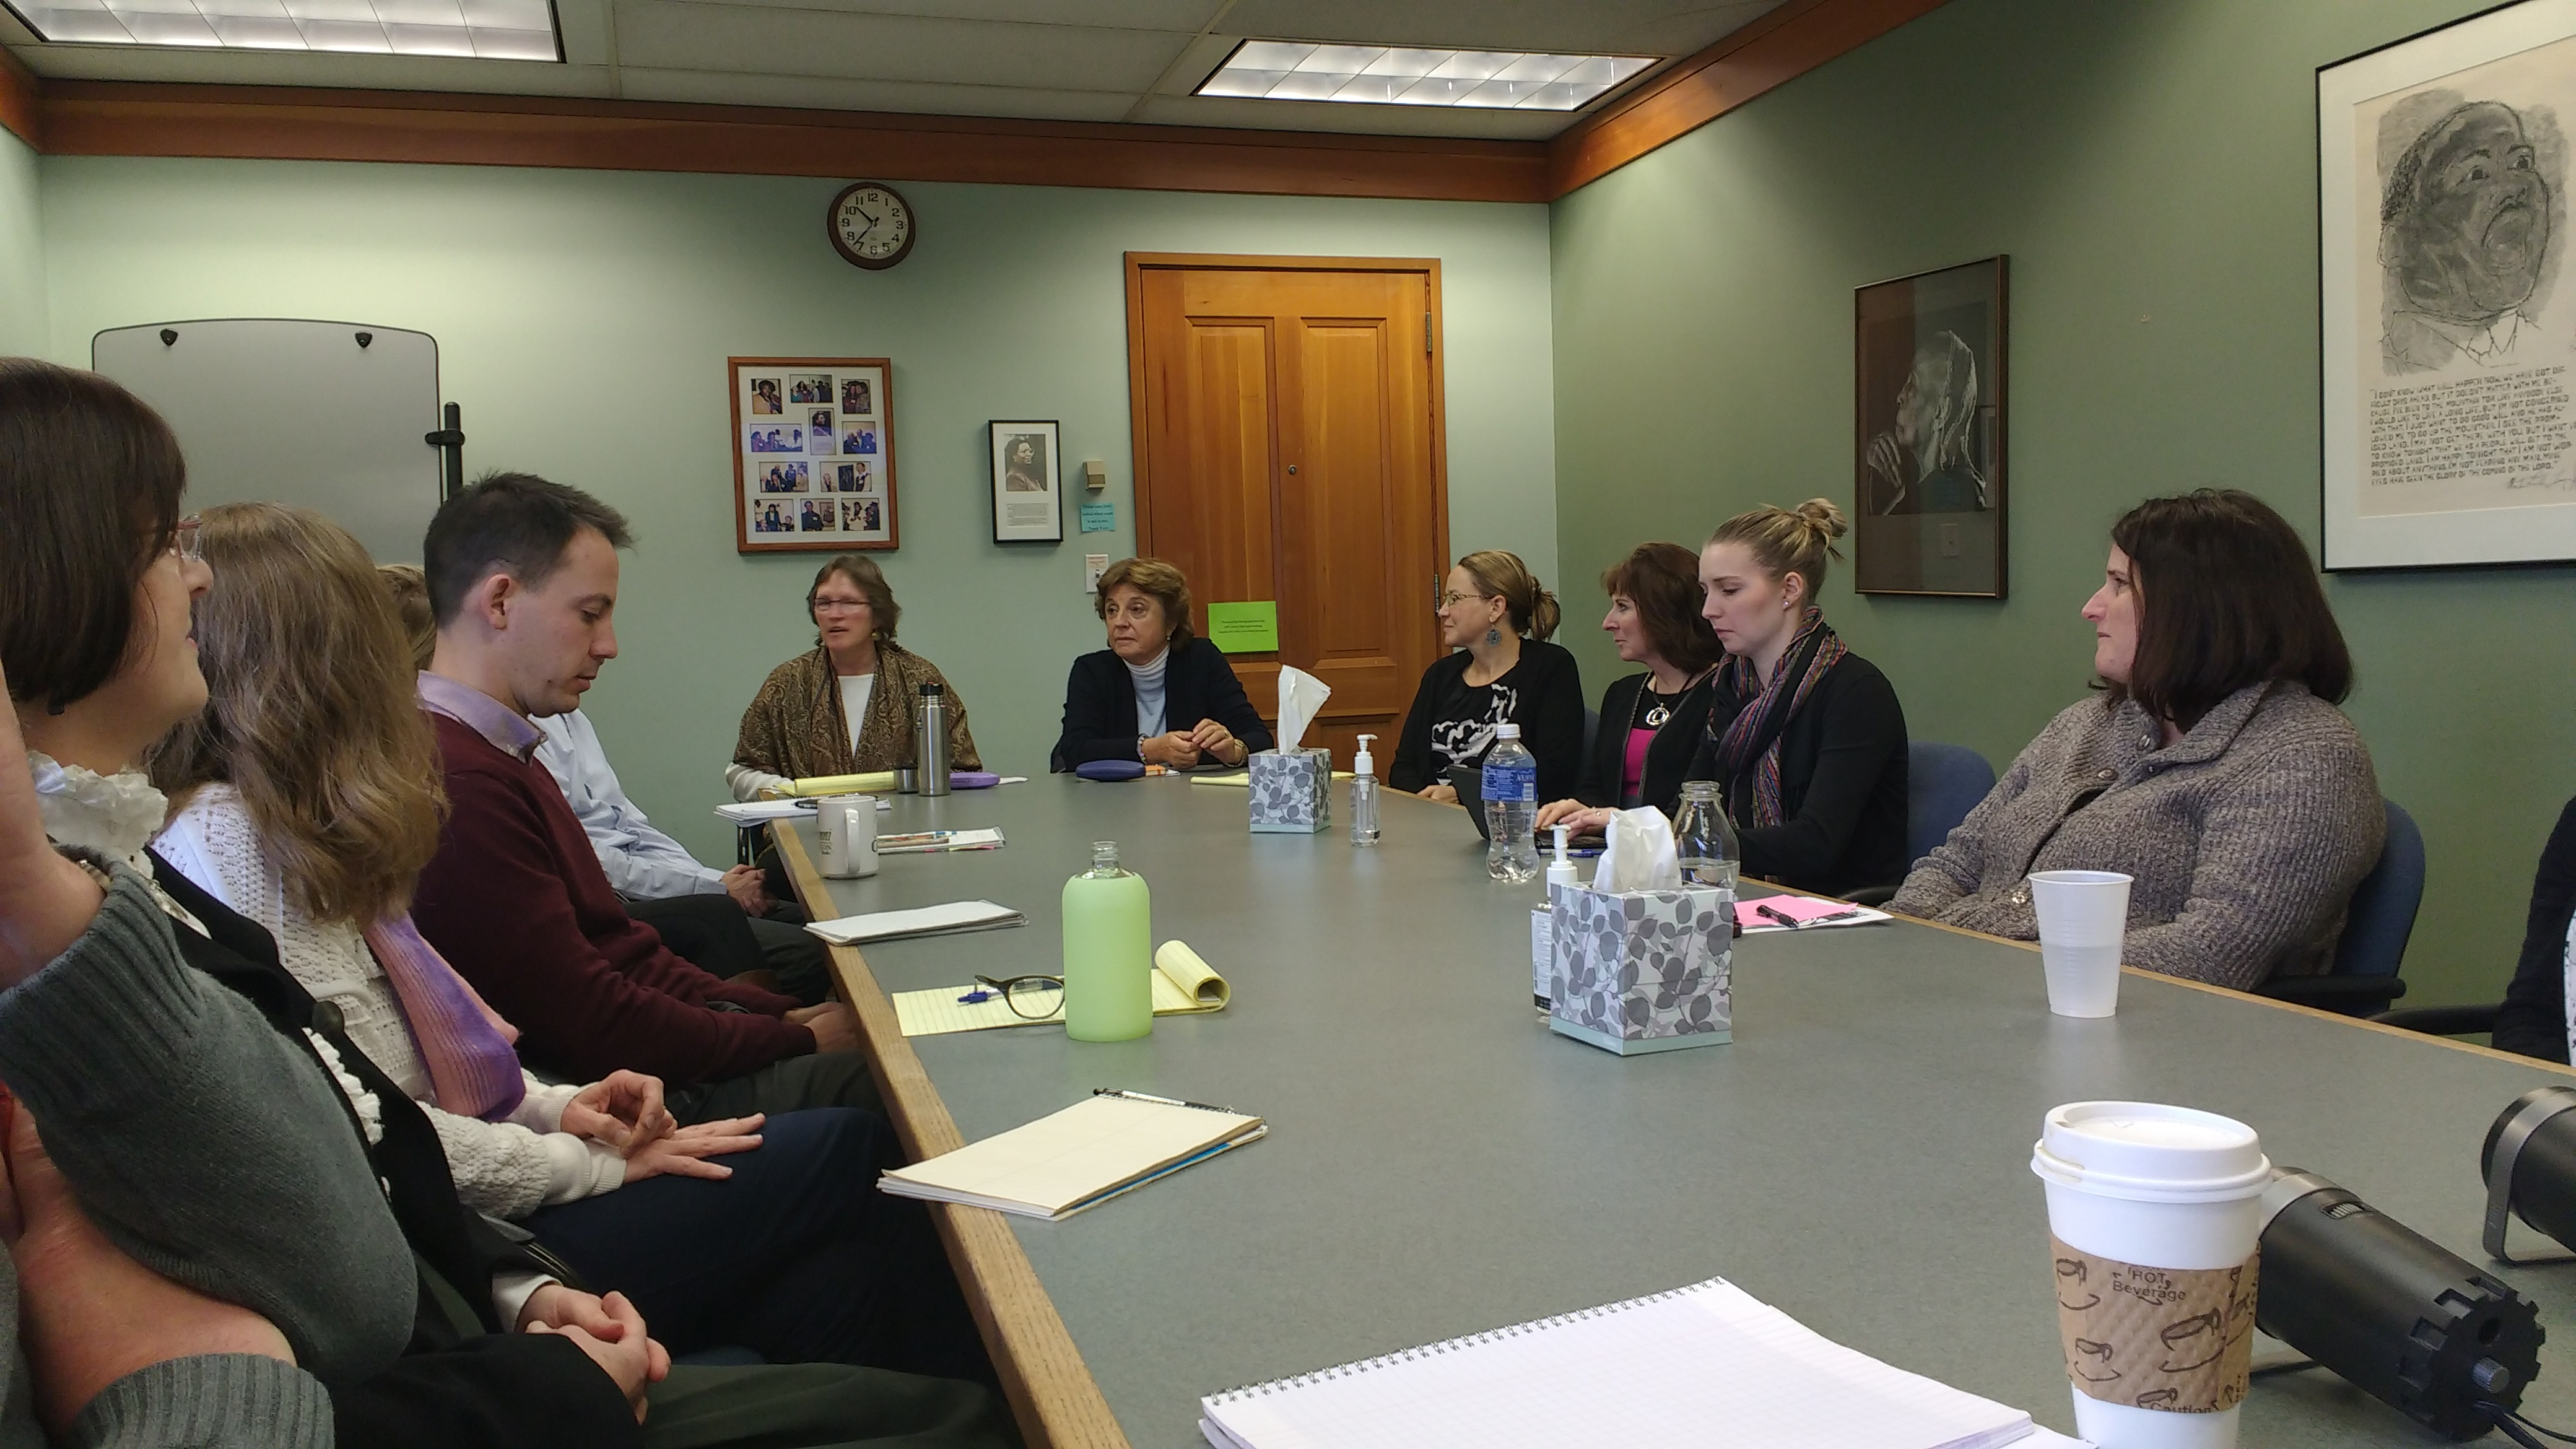 Derecho presente en la Universidad de Oregon (EEUU)